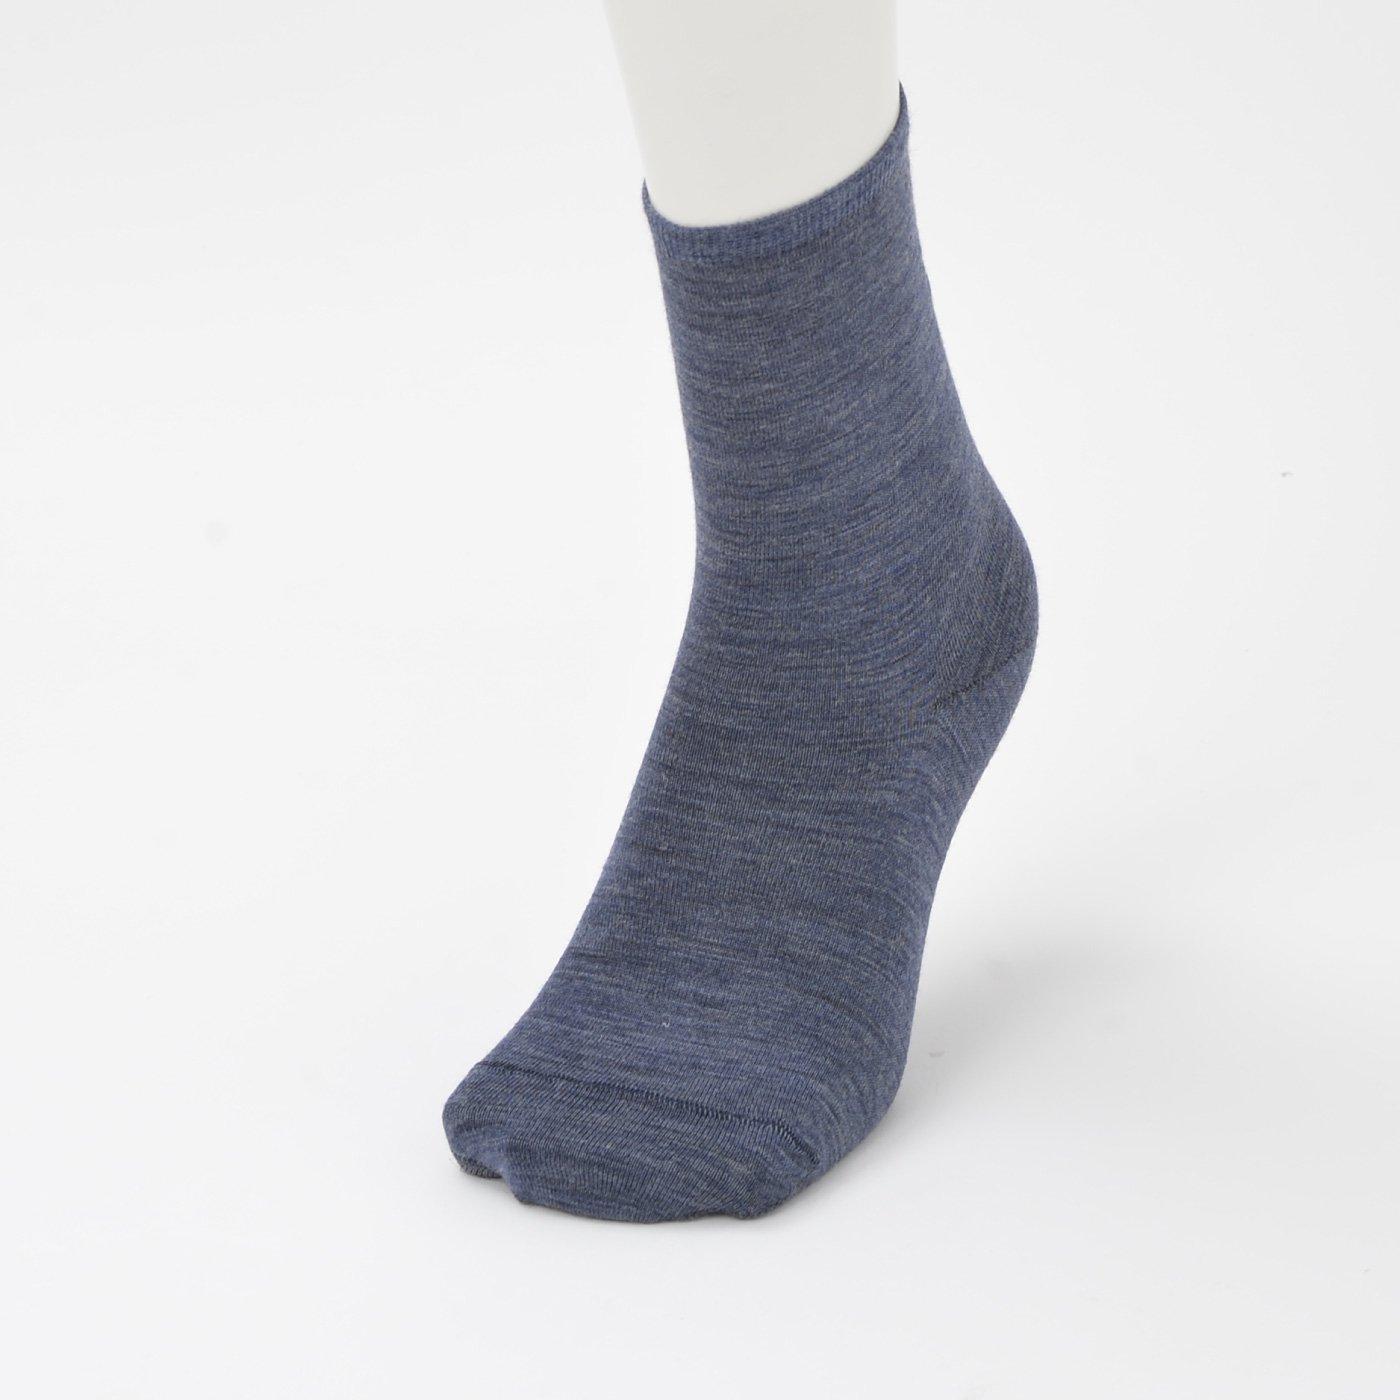 ウール&断熱繊維で薄くても暖かなソックス